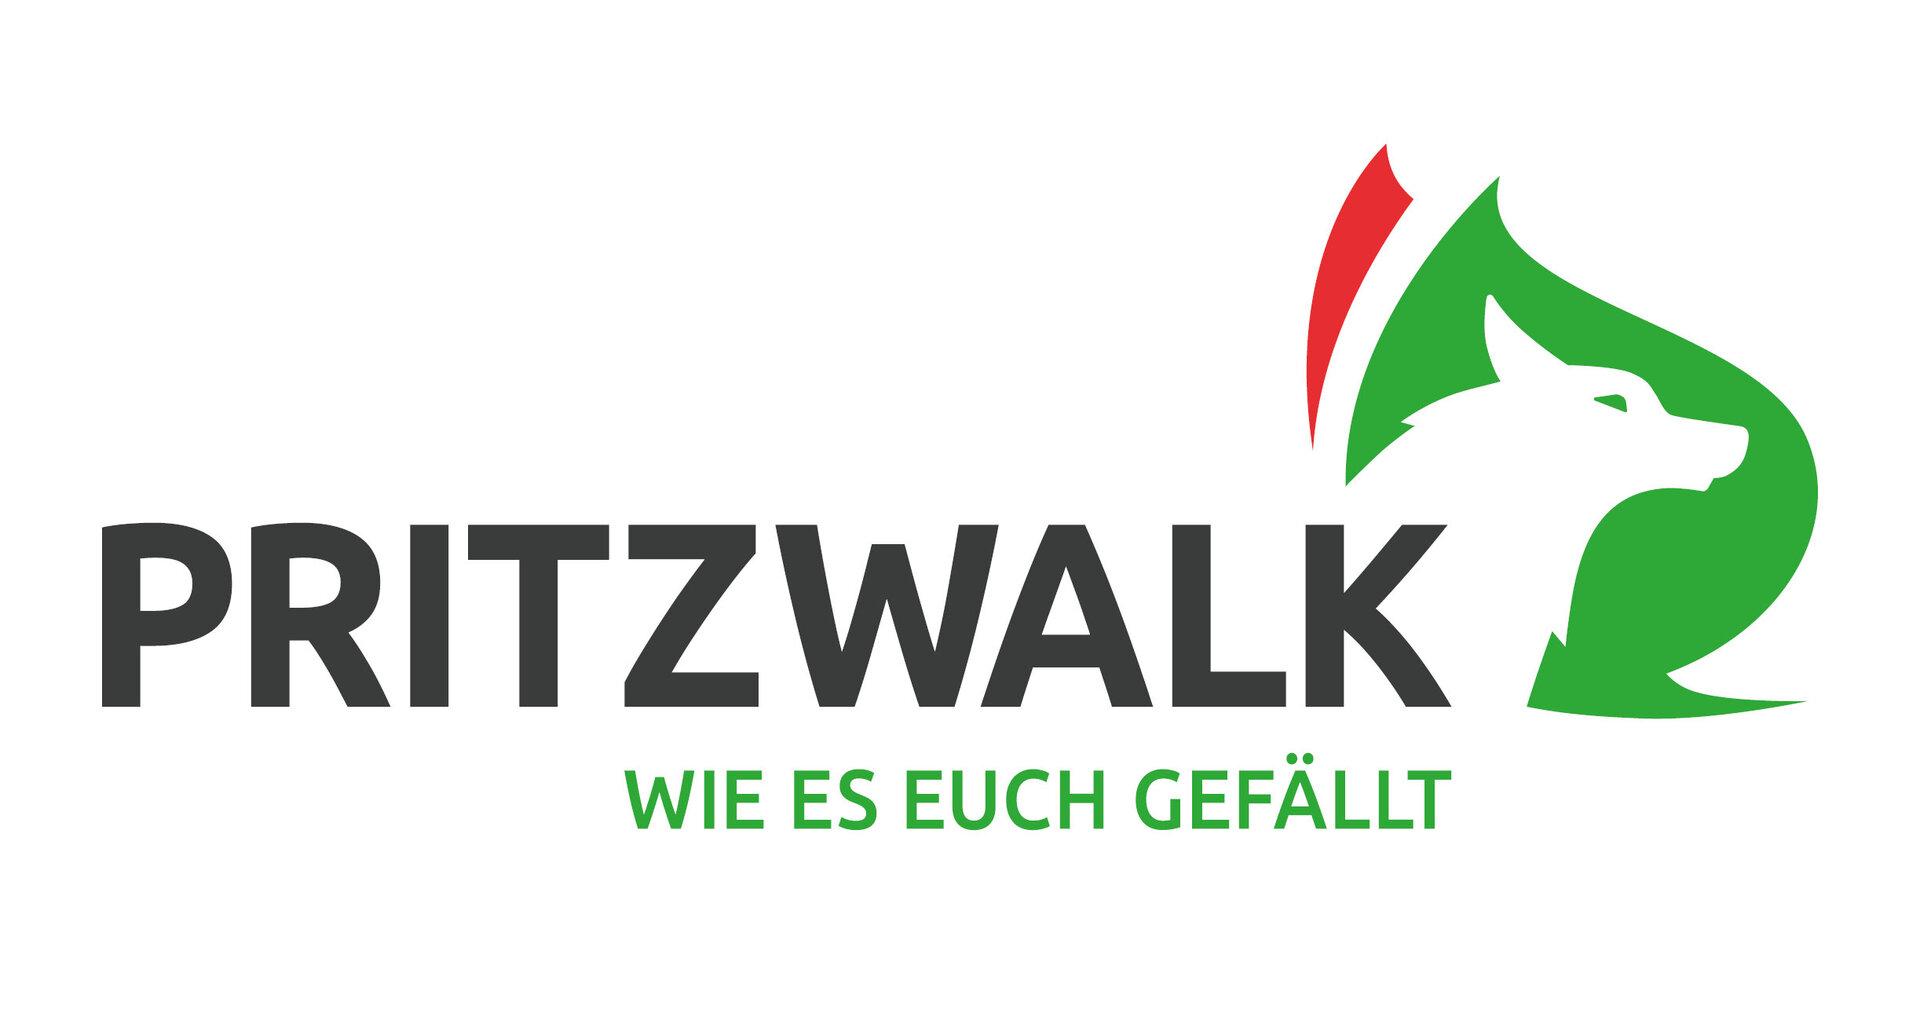 logo_-_pritzwalk_wie_es_euch_gef_llt